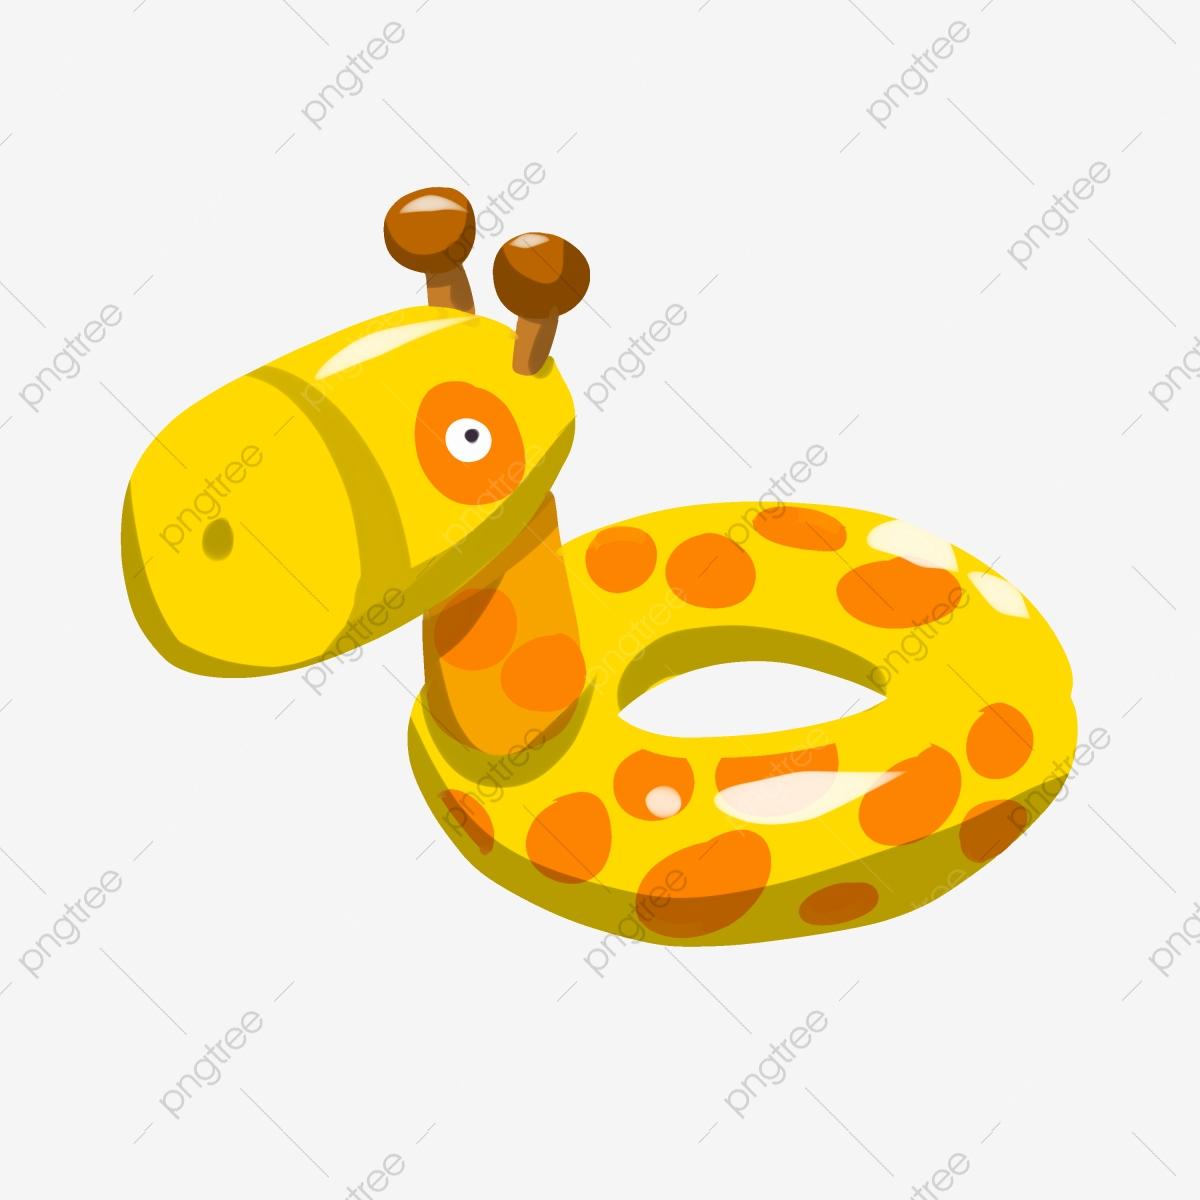 Été Jeux De Plage Bassin Pour Enfants Anneau, Bassin Pour tout Jeux De Girafe Gratuit